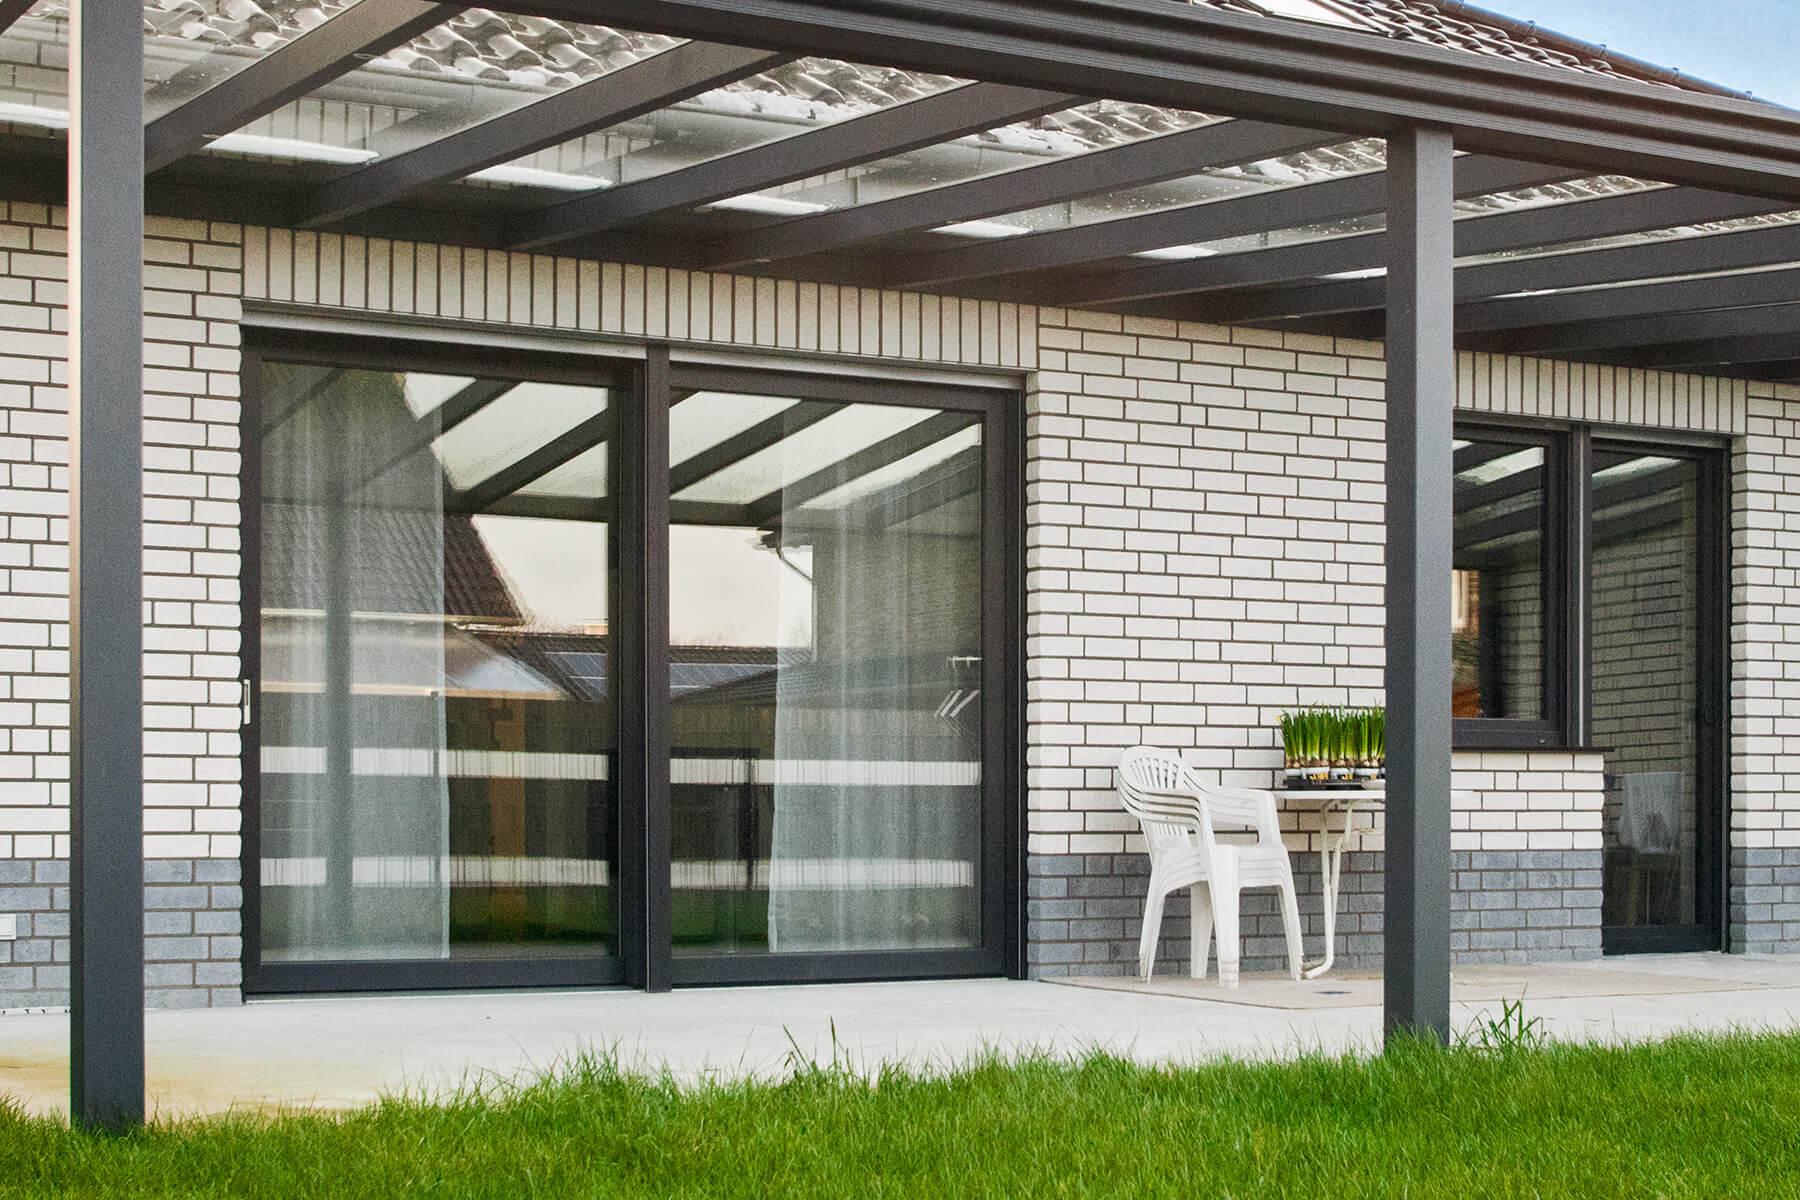 Terrassentüren & Schiebetüren HG RaumDesign GmbH